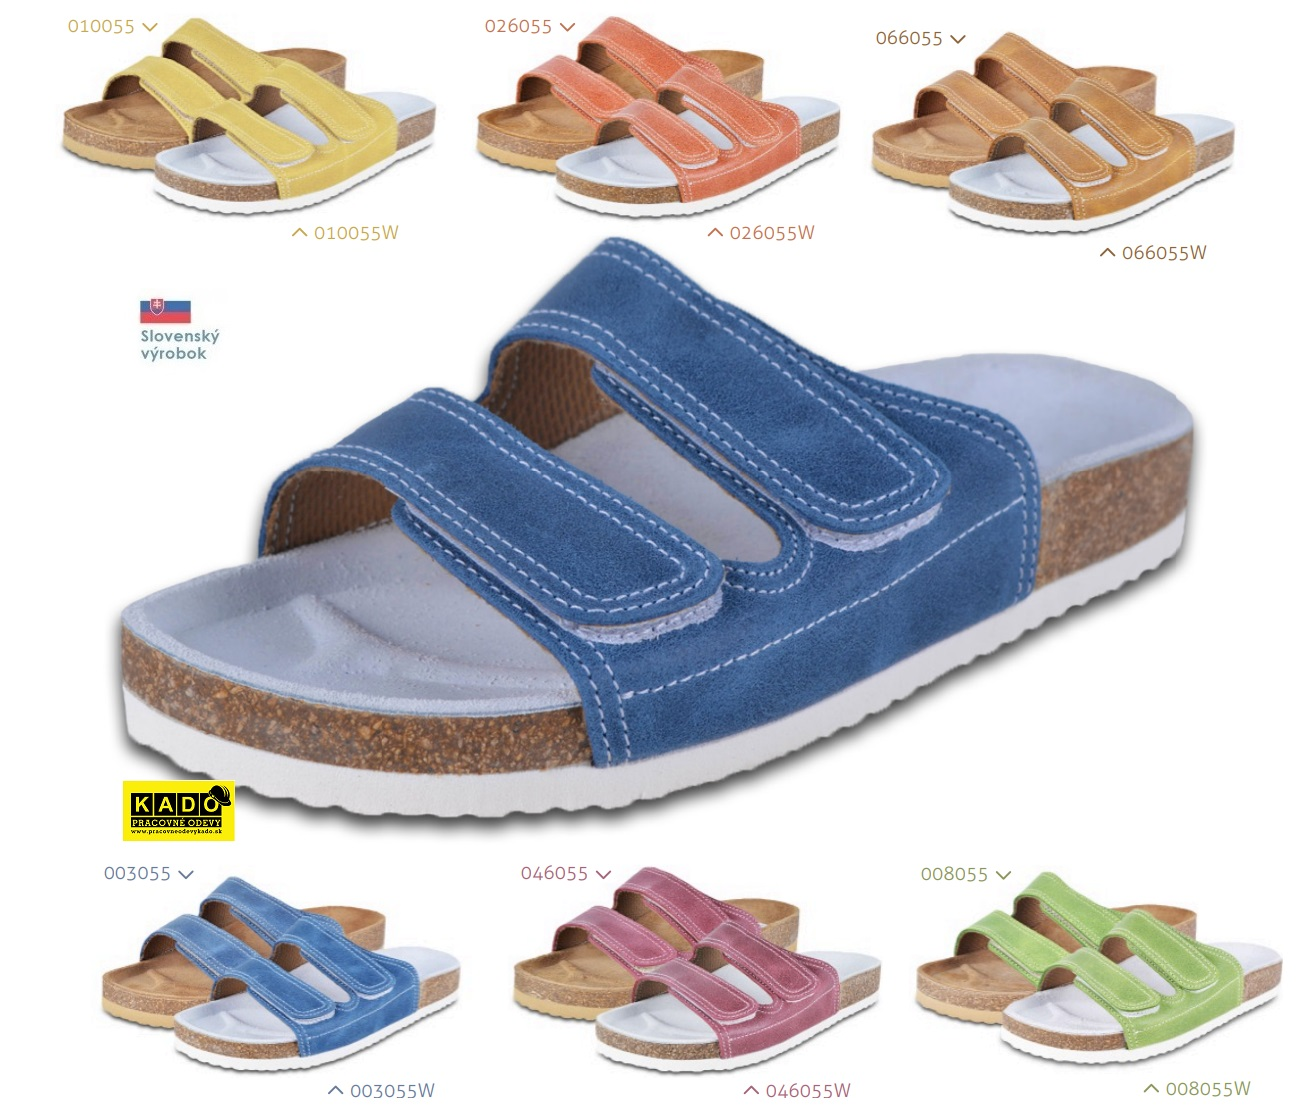 043a917b0 Zdravotná pracovná obuv BAREA, ARTRA, ortopedická a rehabilitačná obuv